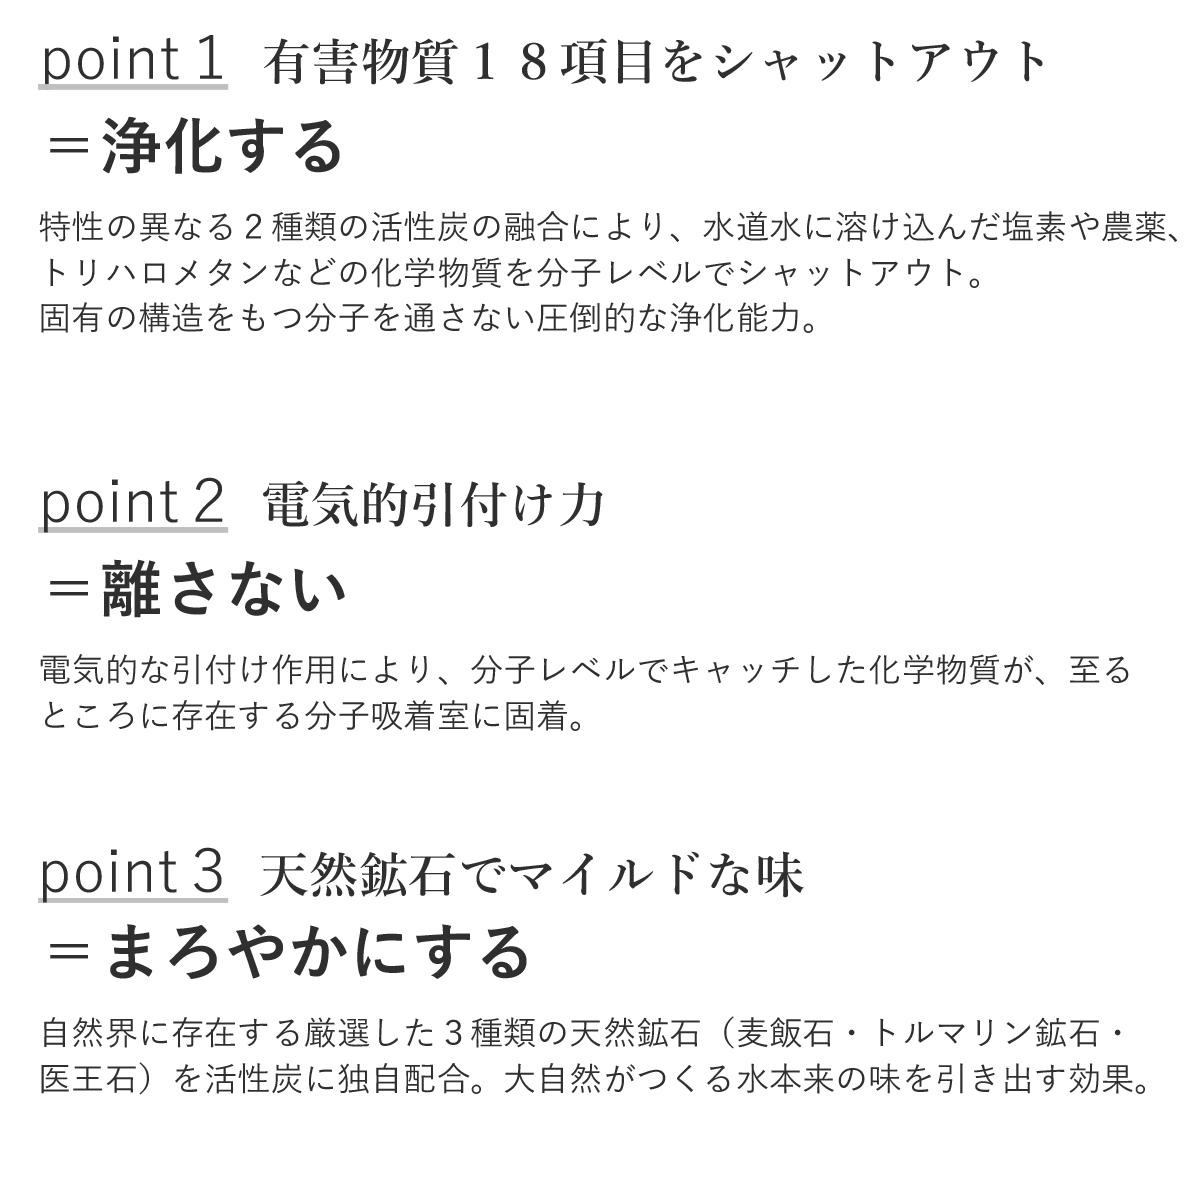 カートリッジの特長3point